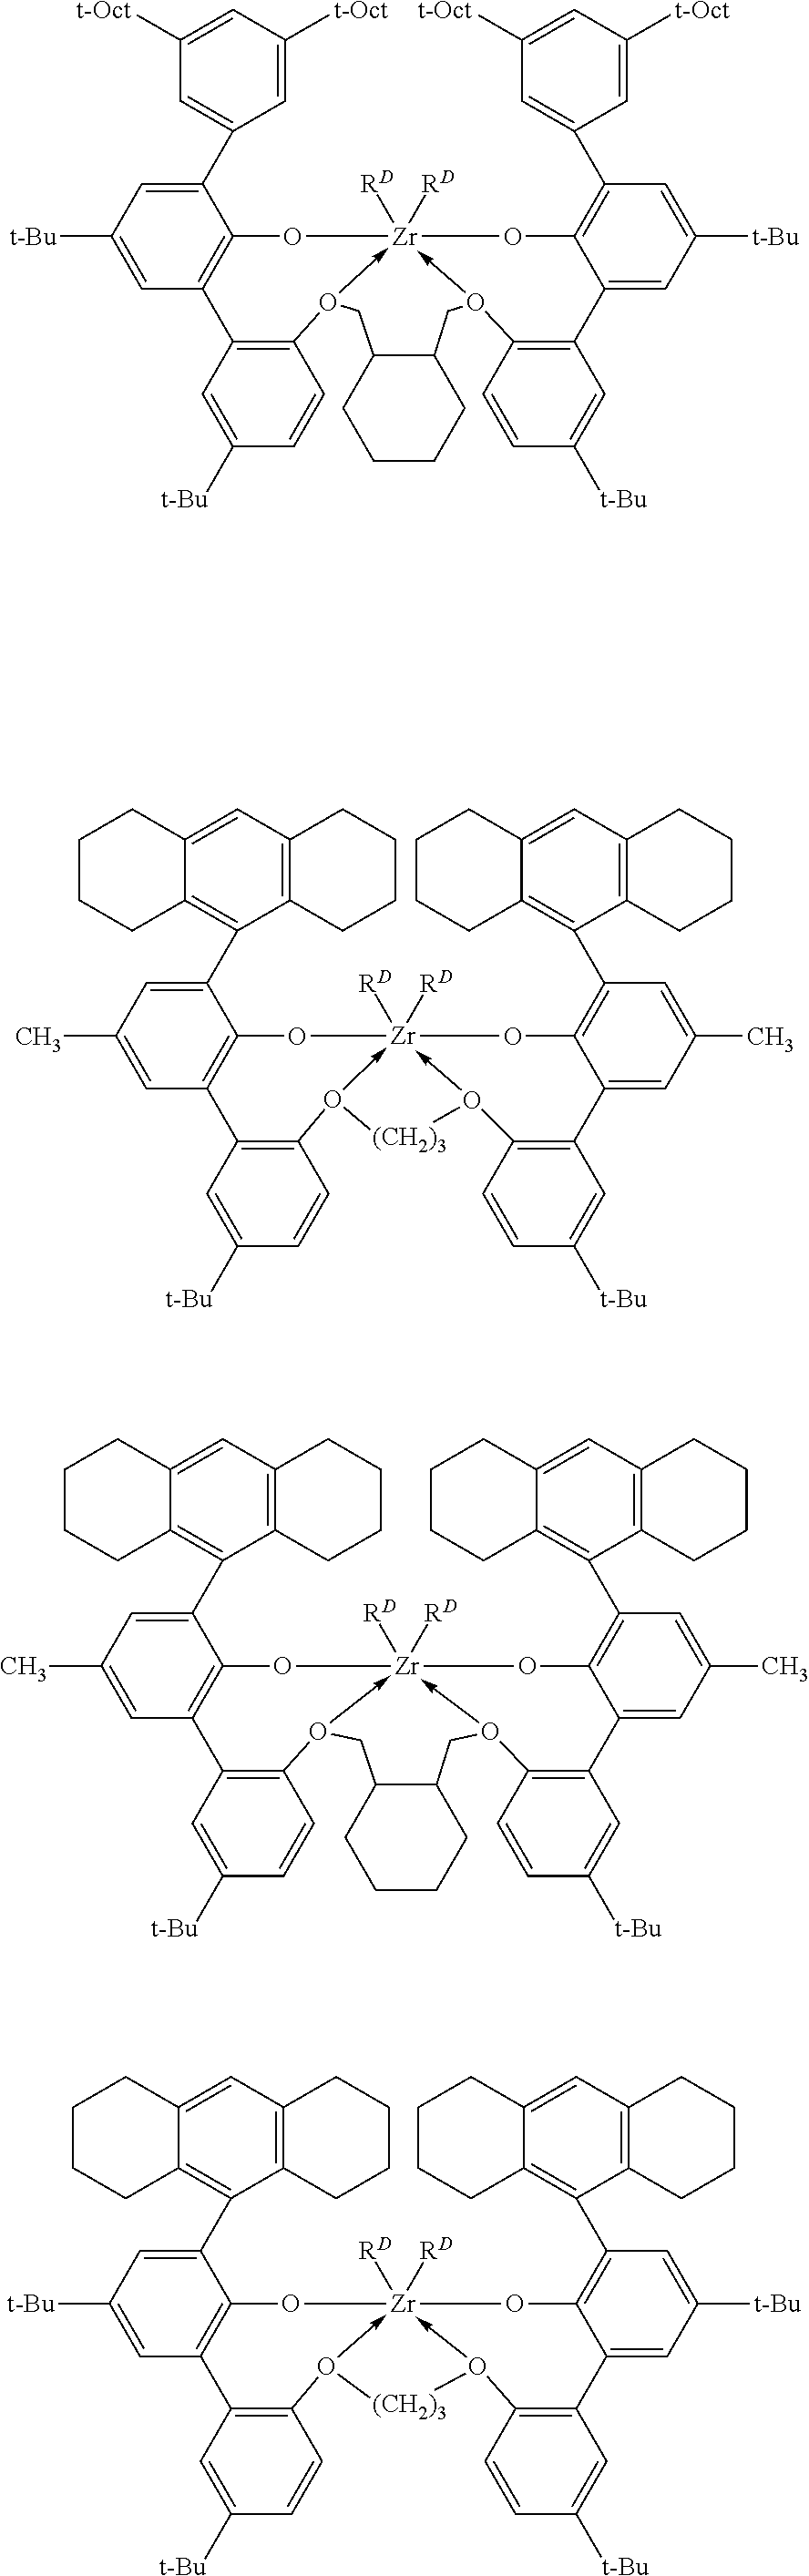 Figure US20120108770A1-20120503-C00022